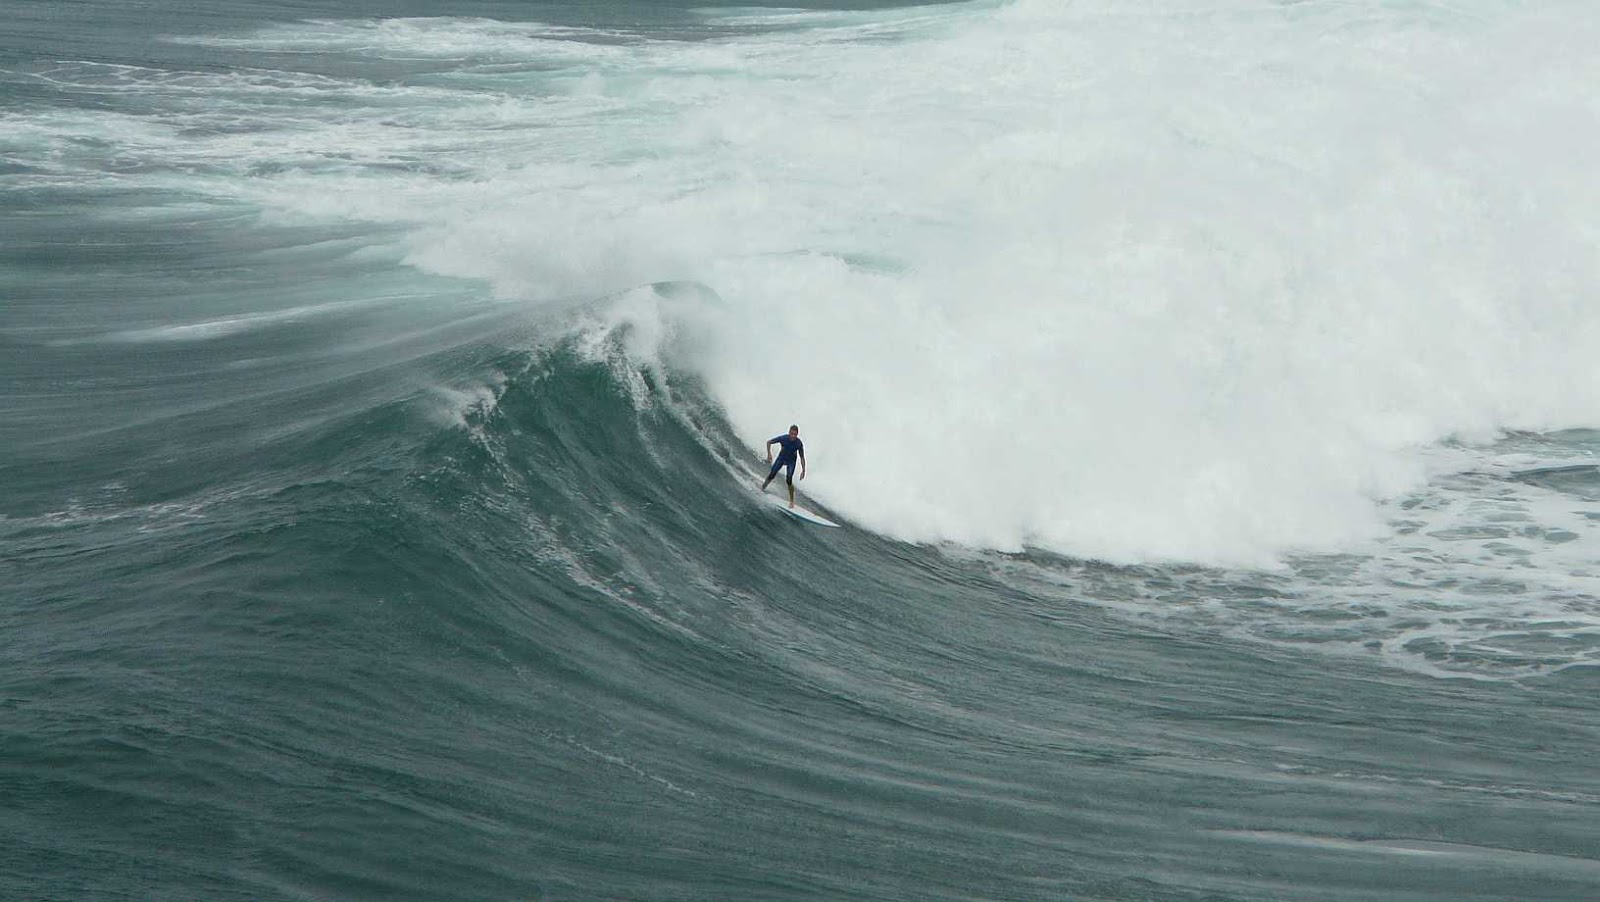 sesion otono menakoz septiembre 2015 surf olas grandes 09